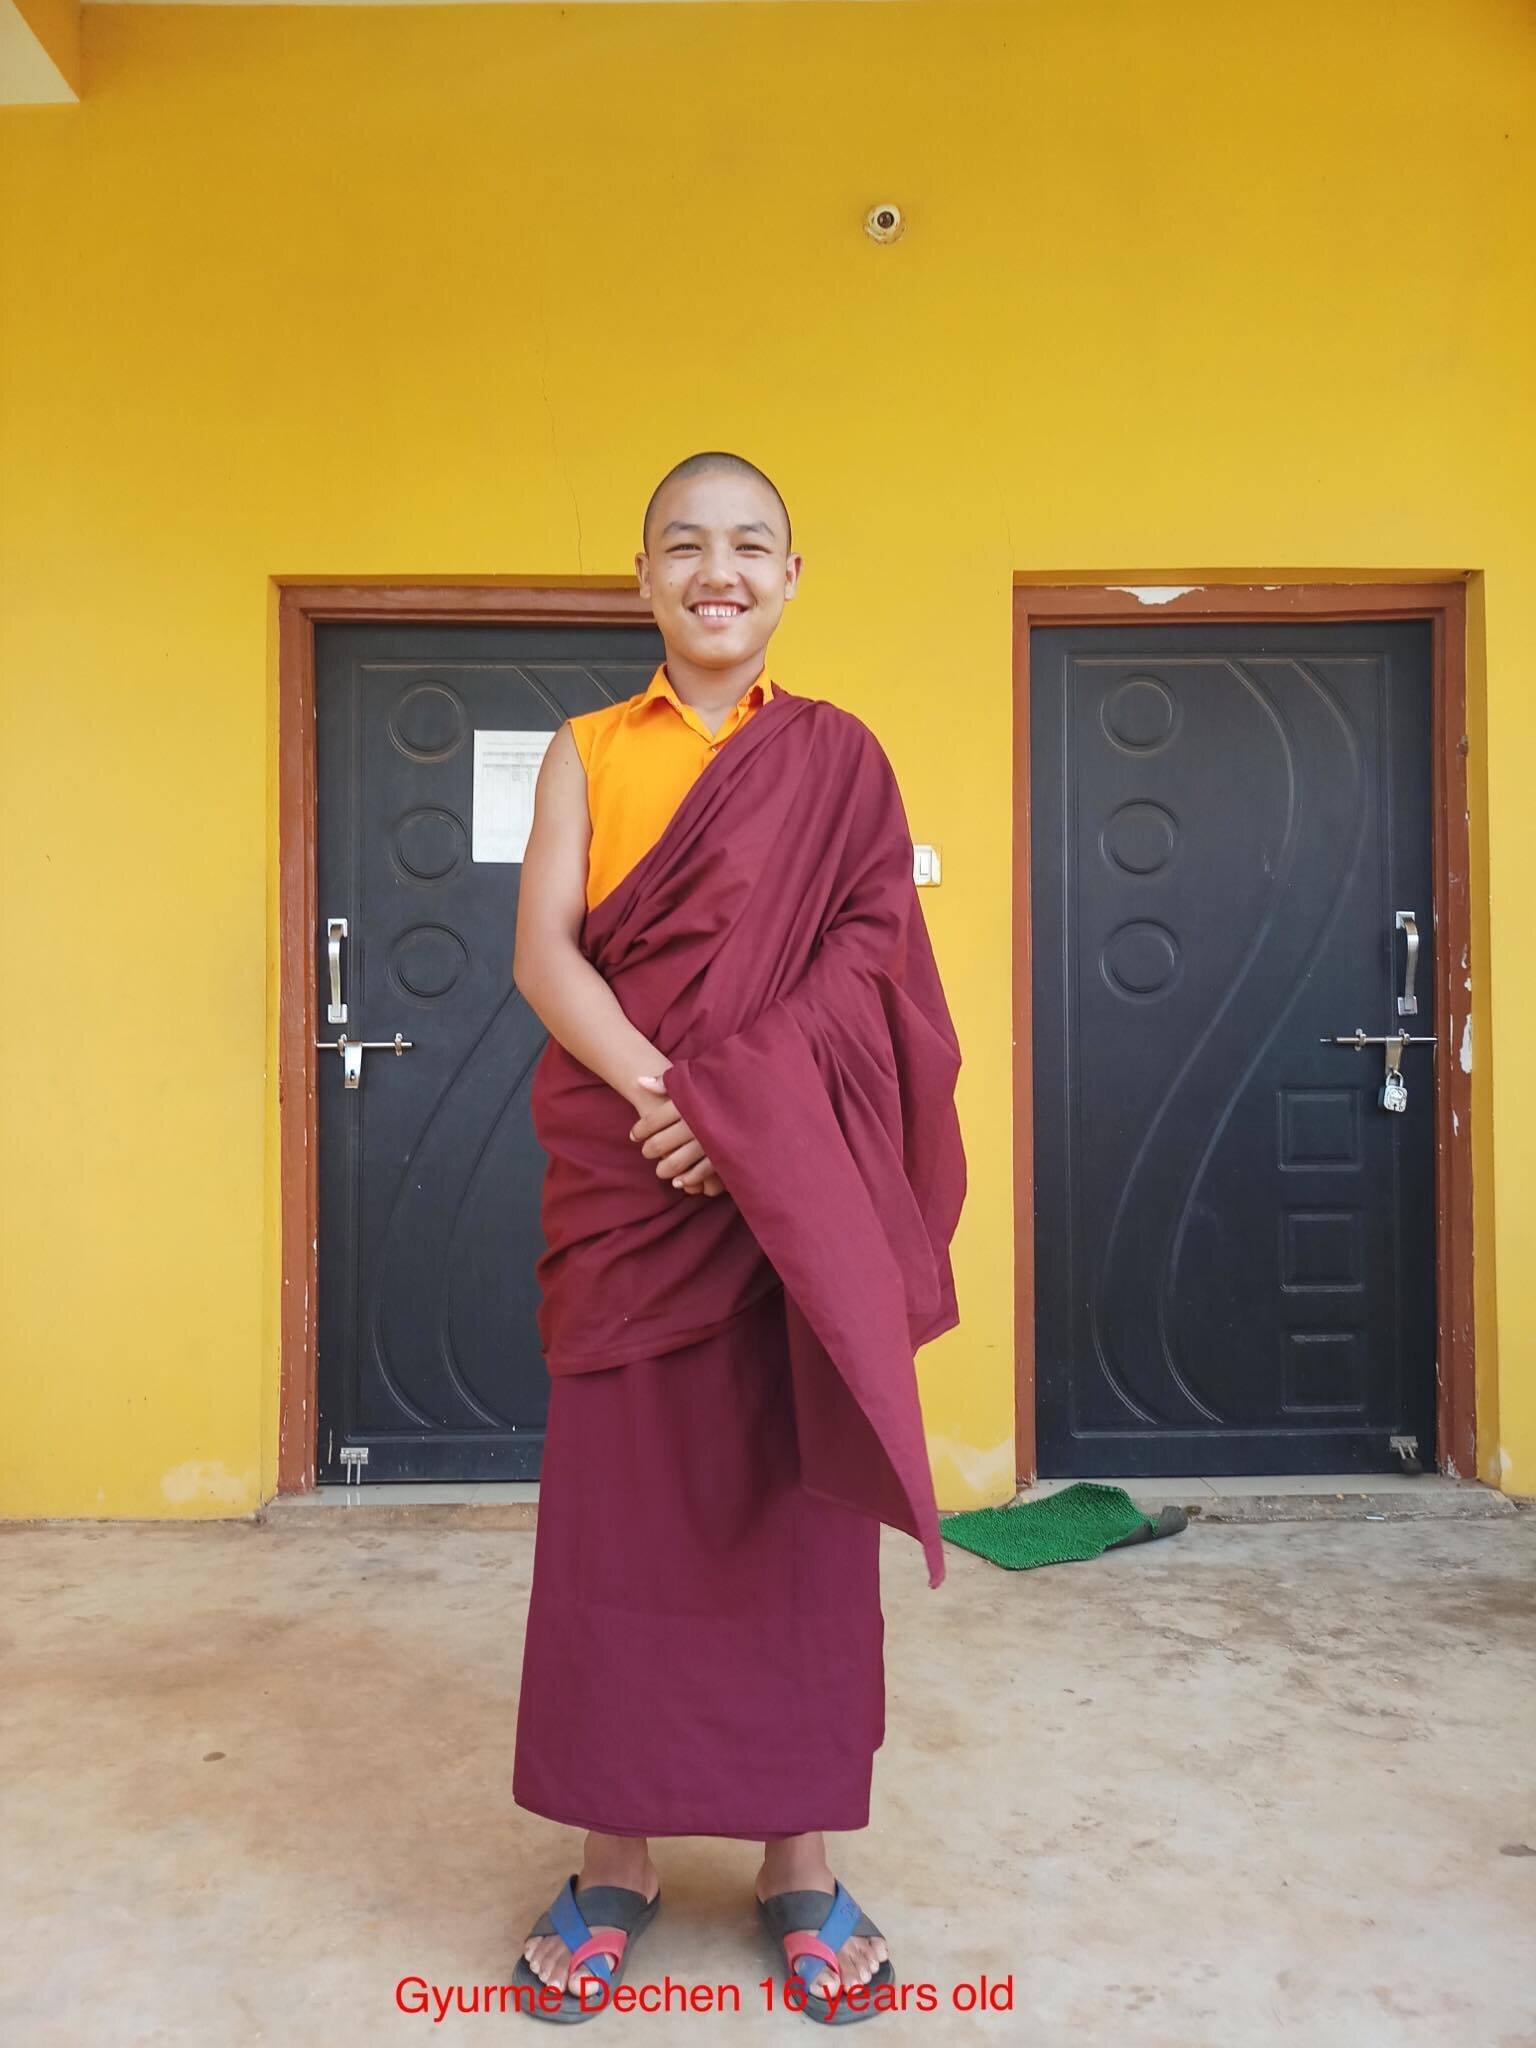 Monk_Gyrume_Dechen_16yrs_old.jpg